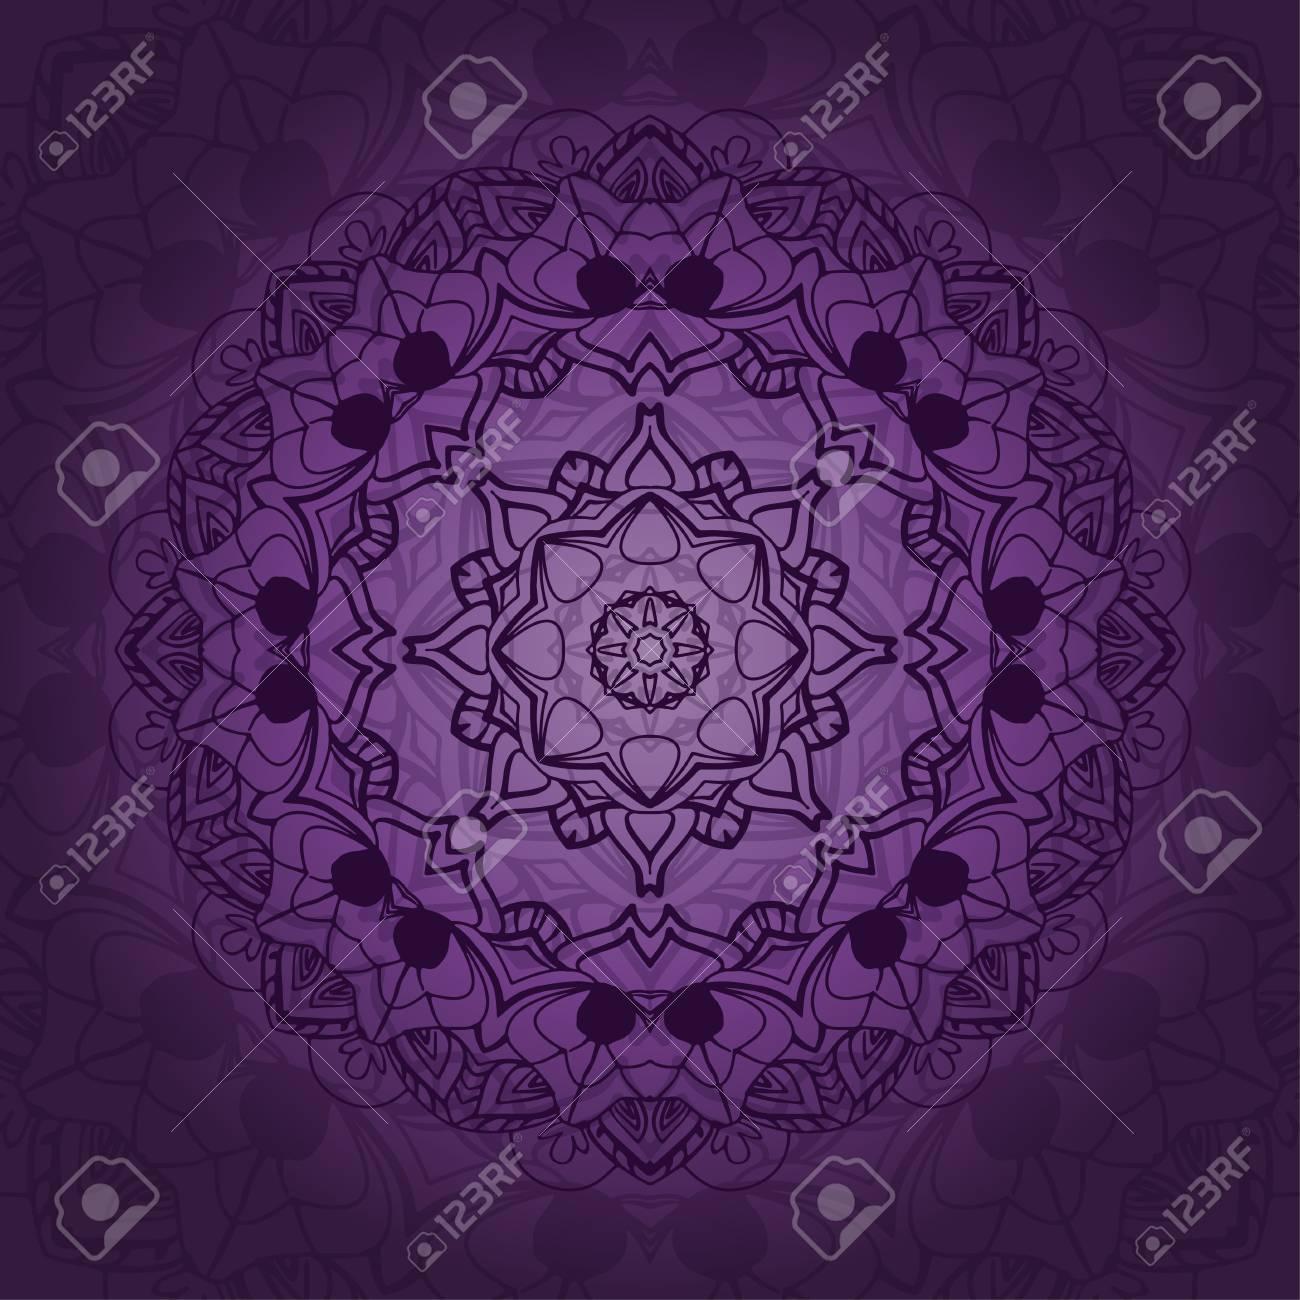 Mandala-Karte In Lila Farben Für Hintergrund, Einladungen ...